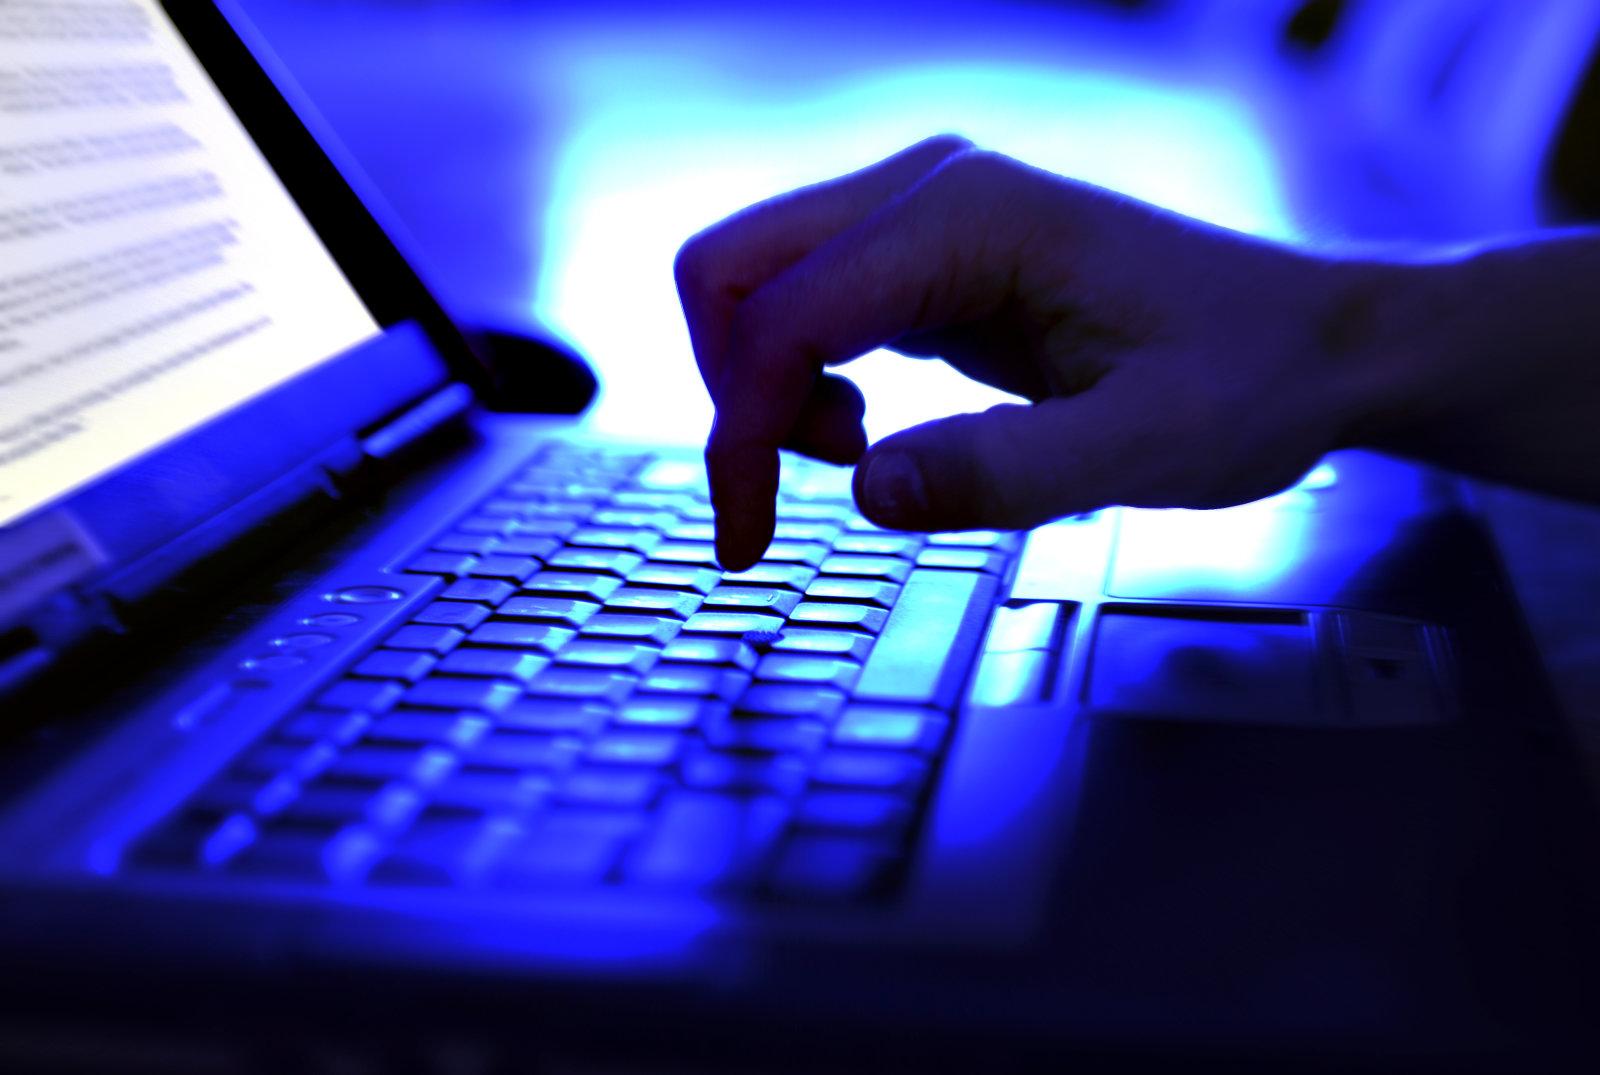 Блокчейн-платформа TRON официально подтвердила покупку сервиса BitTorrent